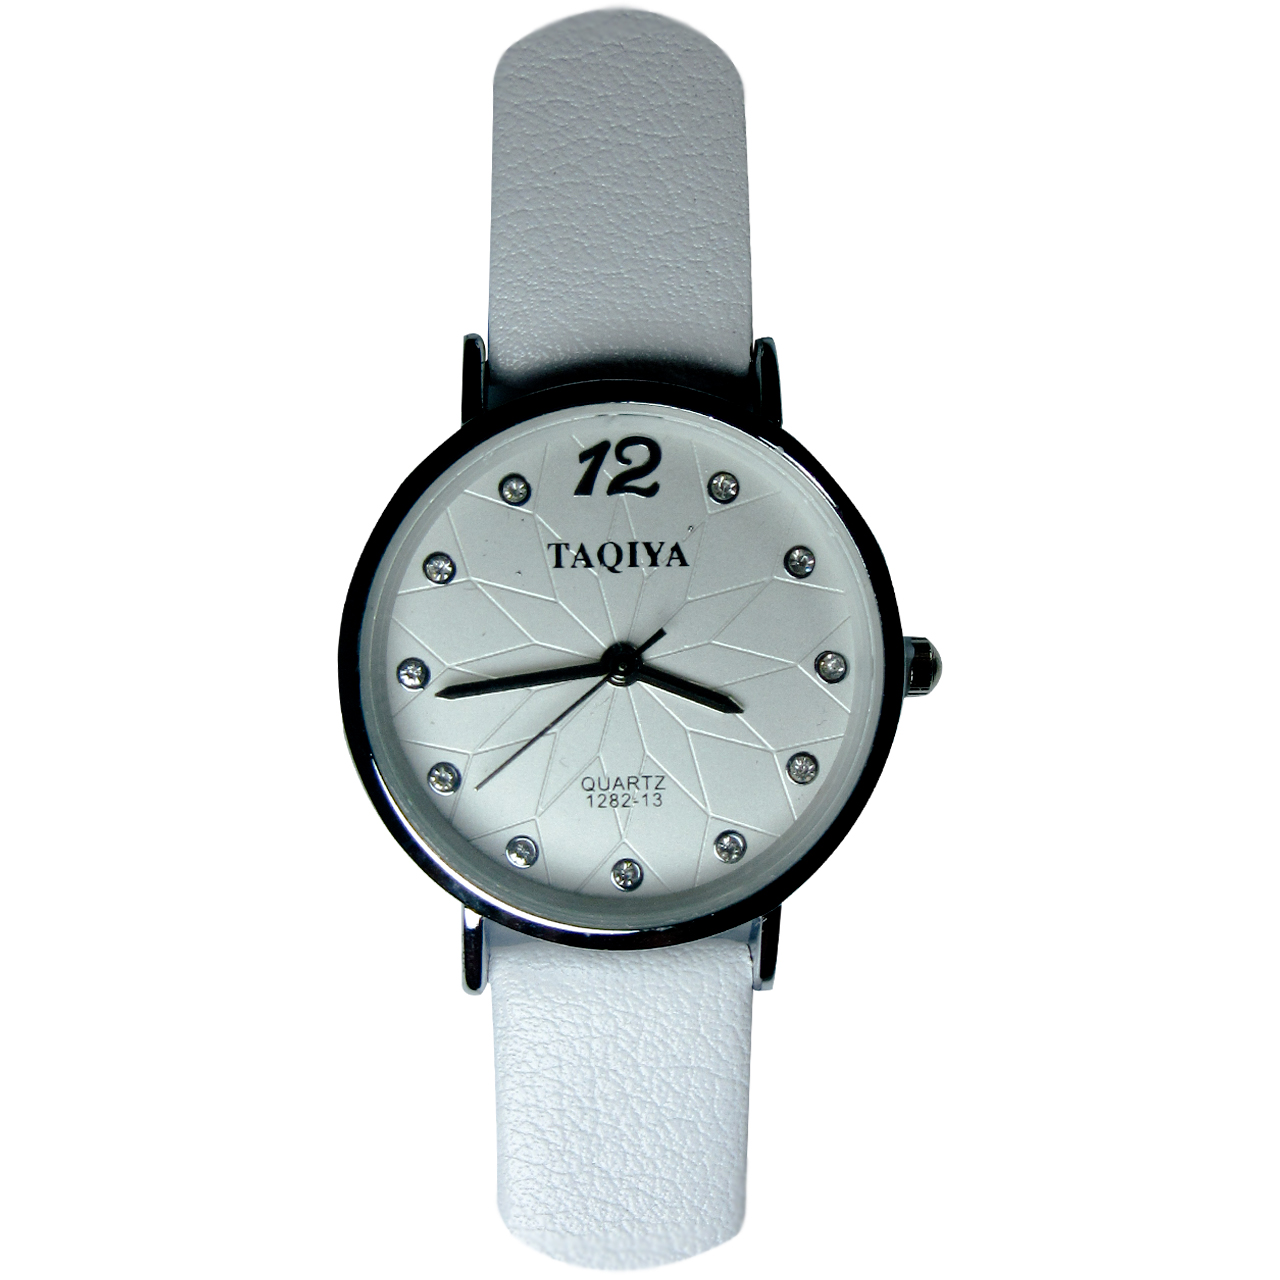 ساعت مچی عقربه ای تاکیا مدل AD224 رنگ سفید 52